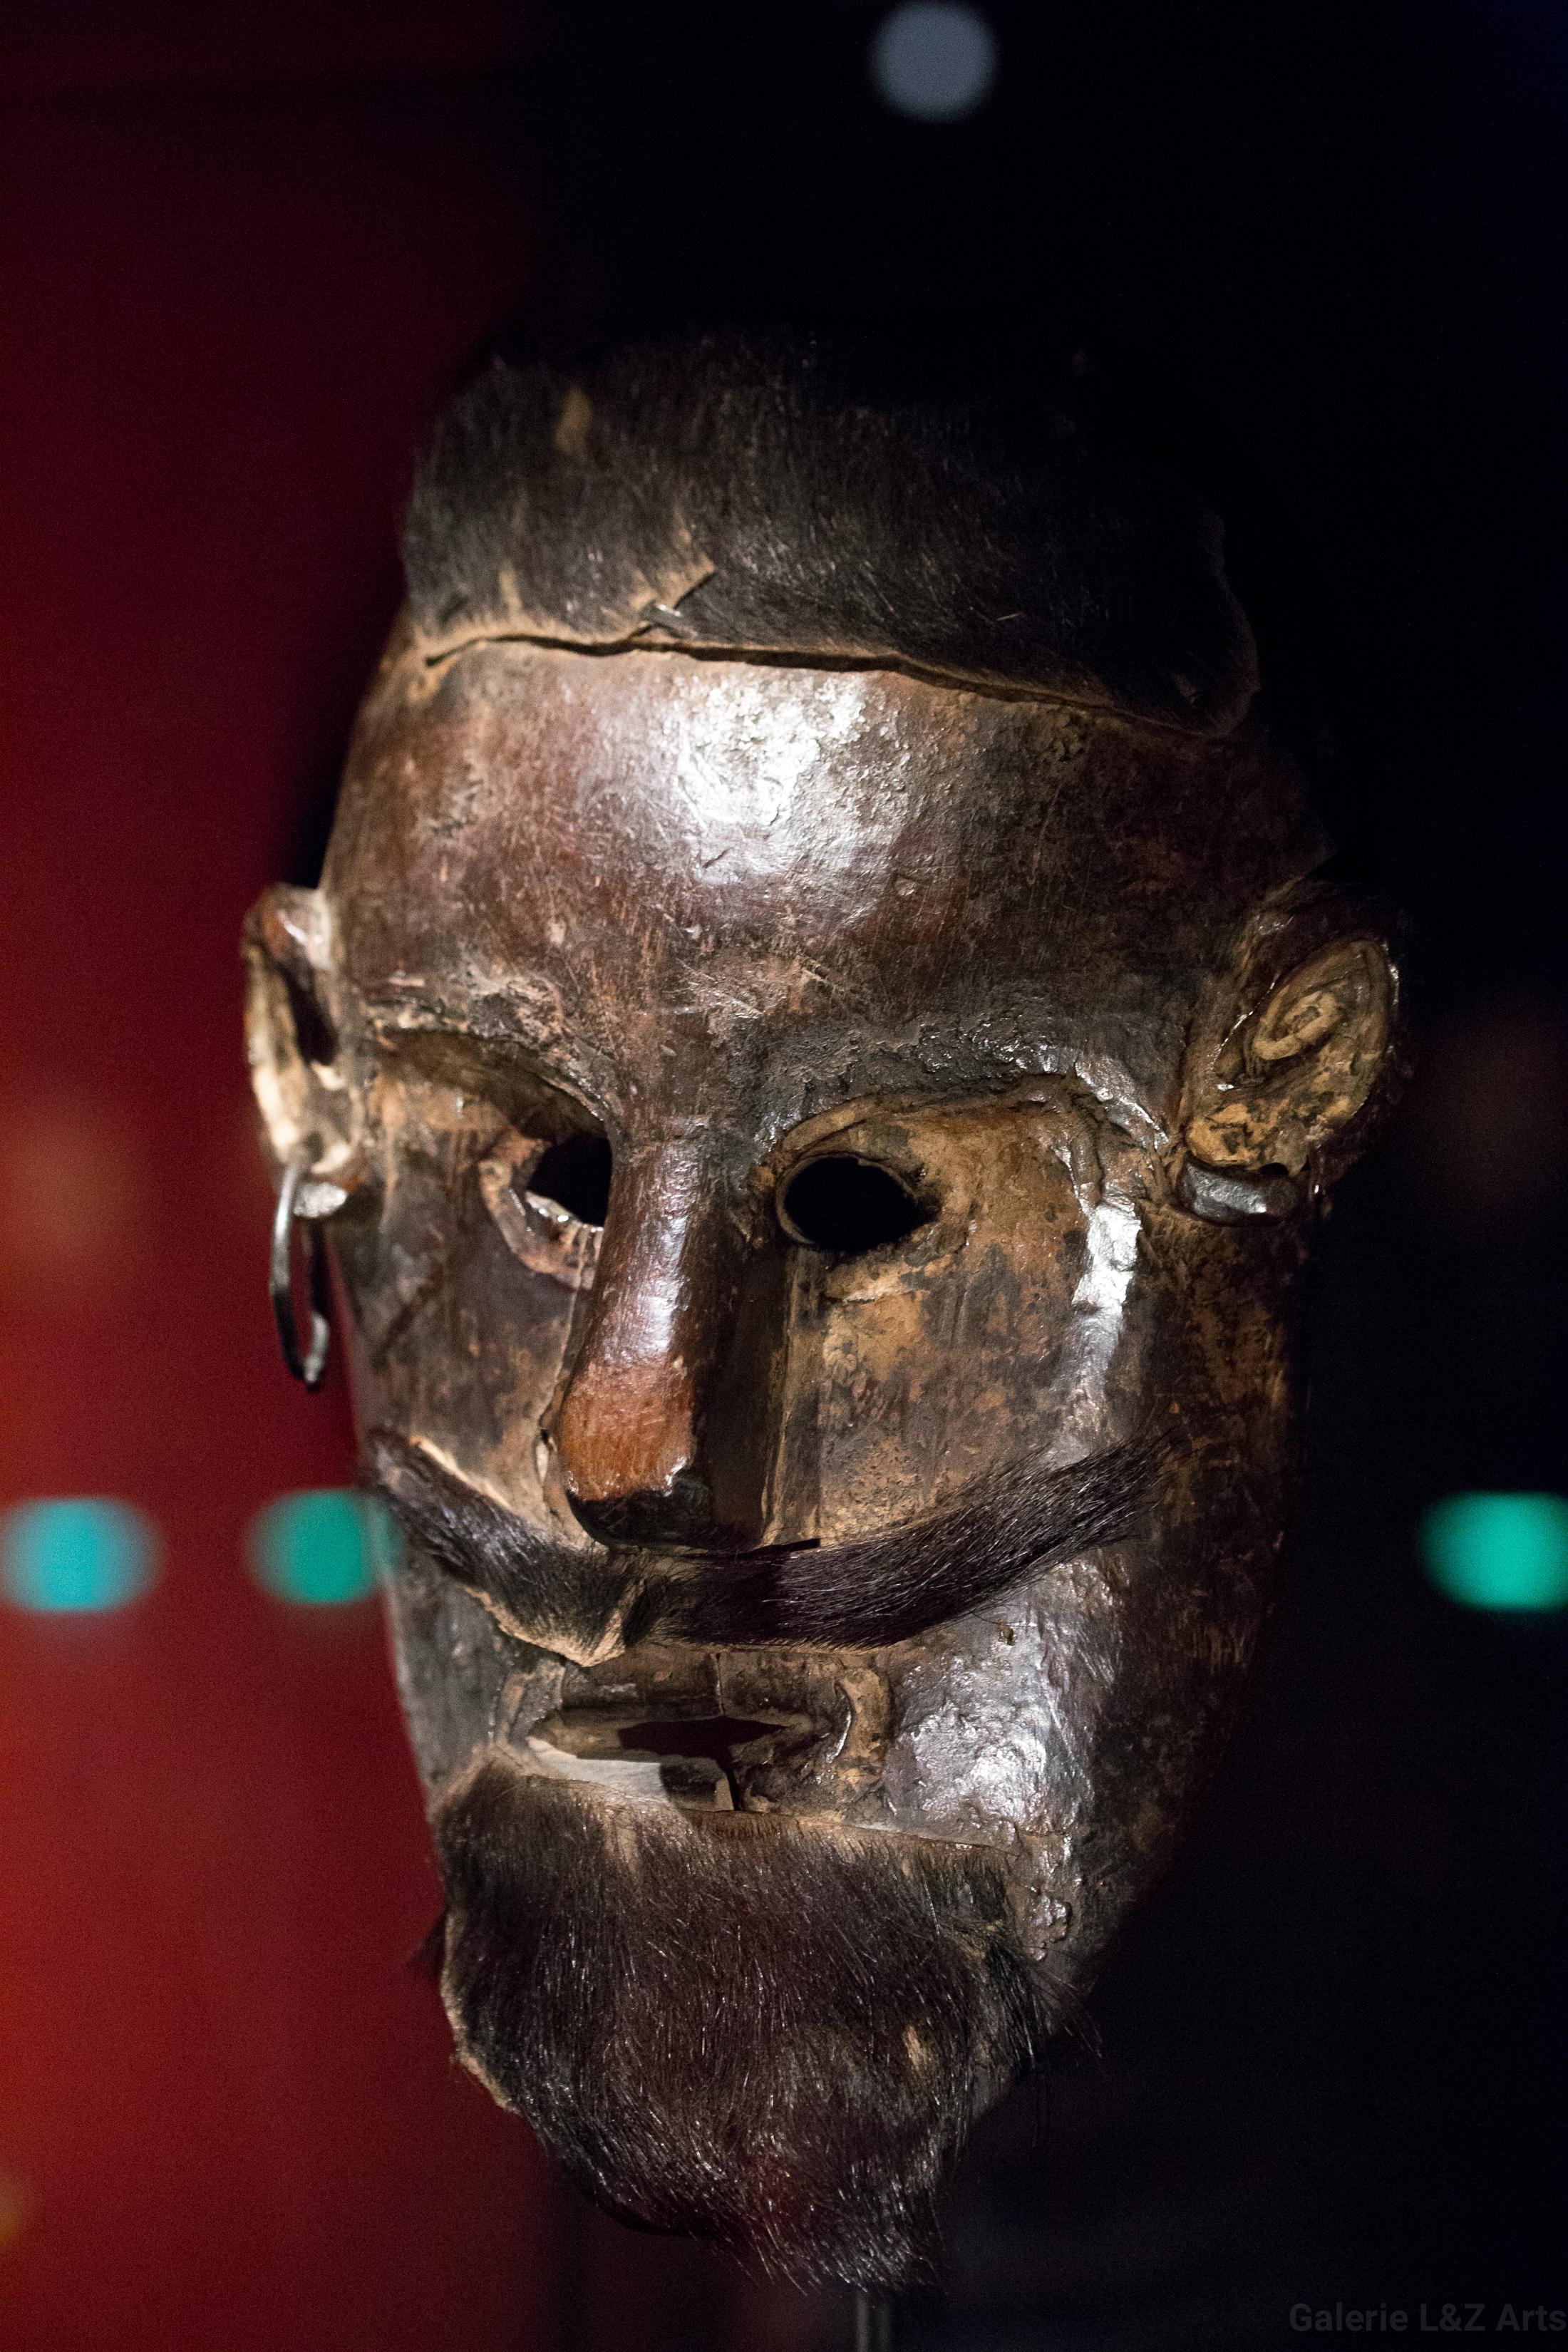 exposition-masque-art-tribal-africain-musee-quai-branly-belgique-galerie-lz-arts-liege-cite-miroir-oceanie-asie-japon-amerique-art-premier-nepal-44.jpg